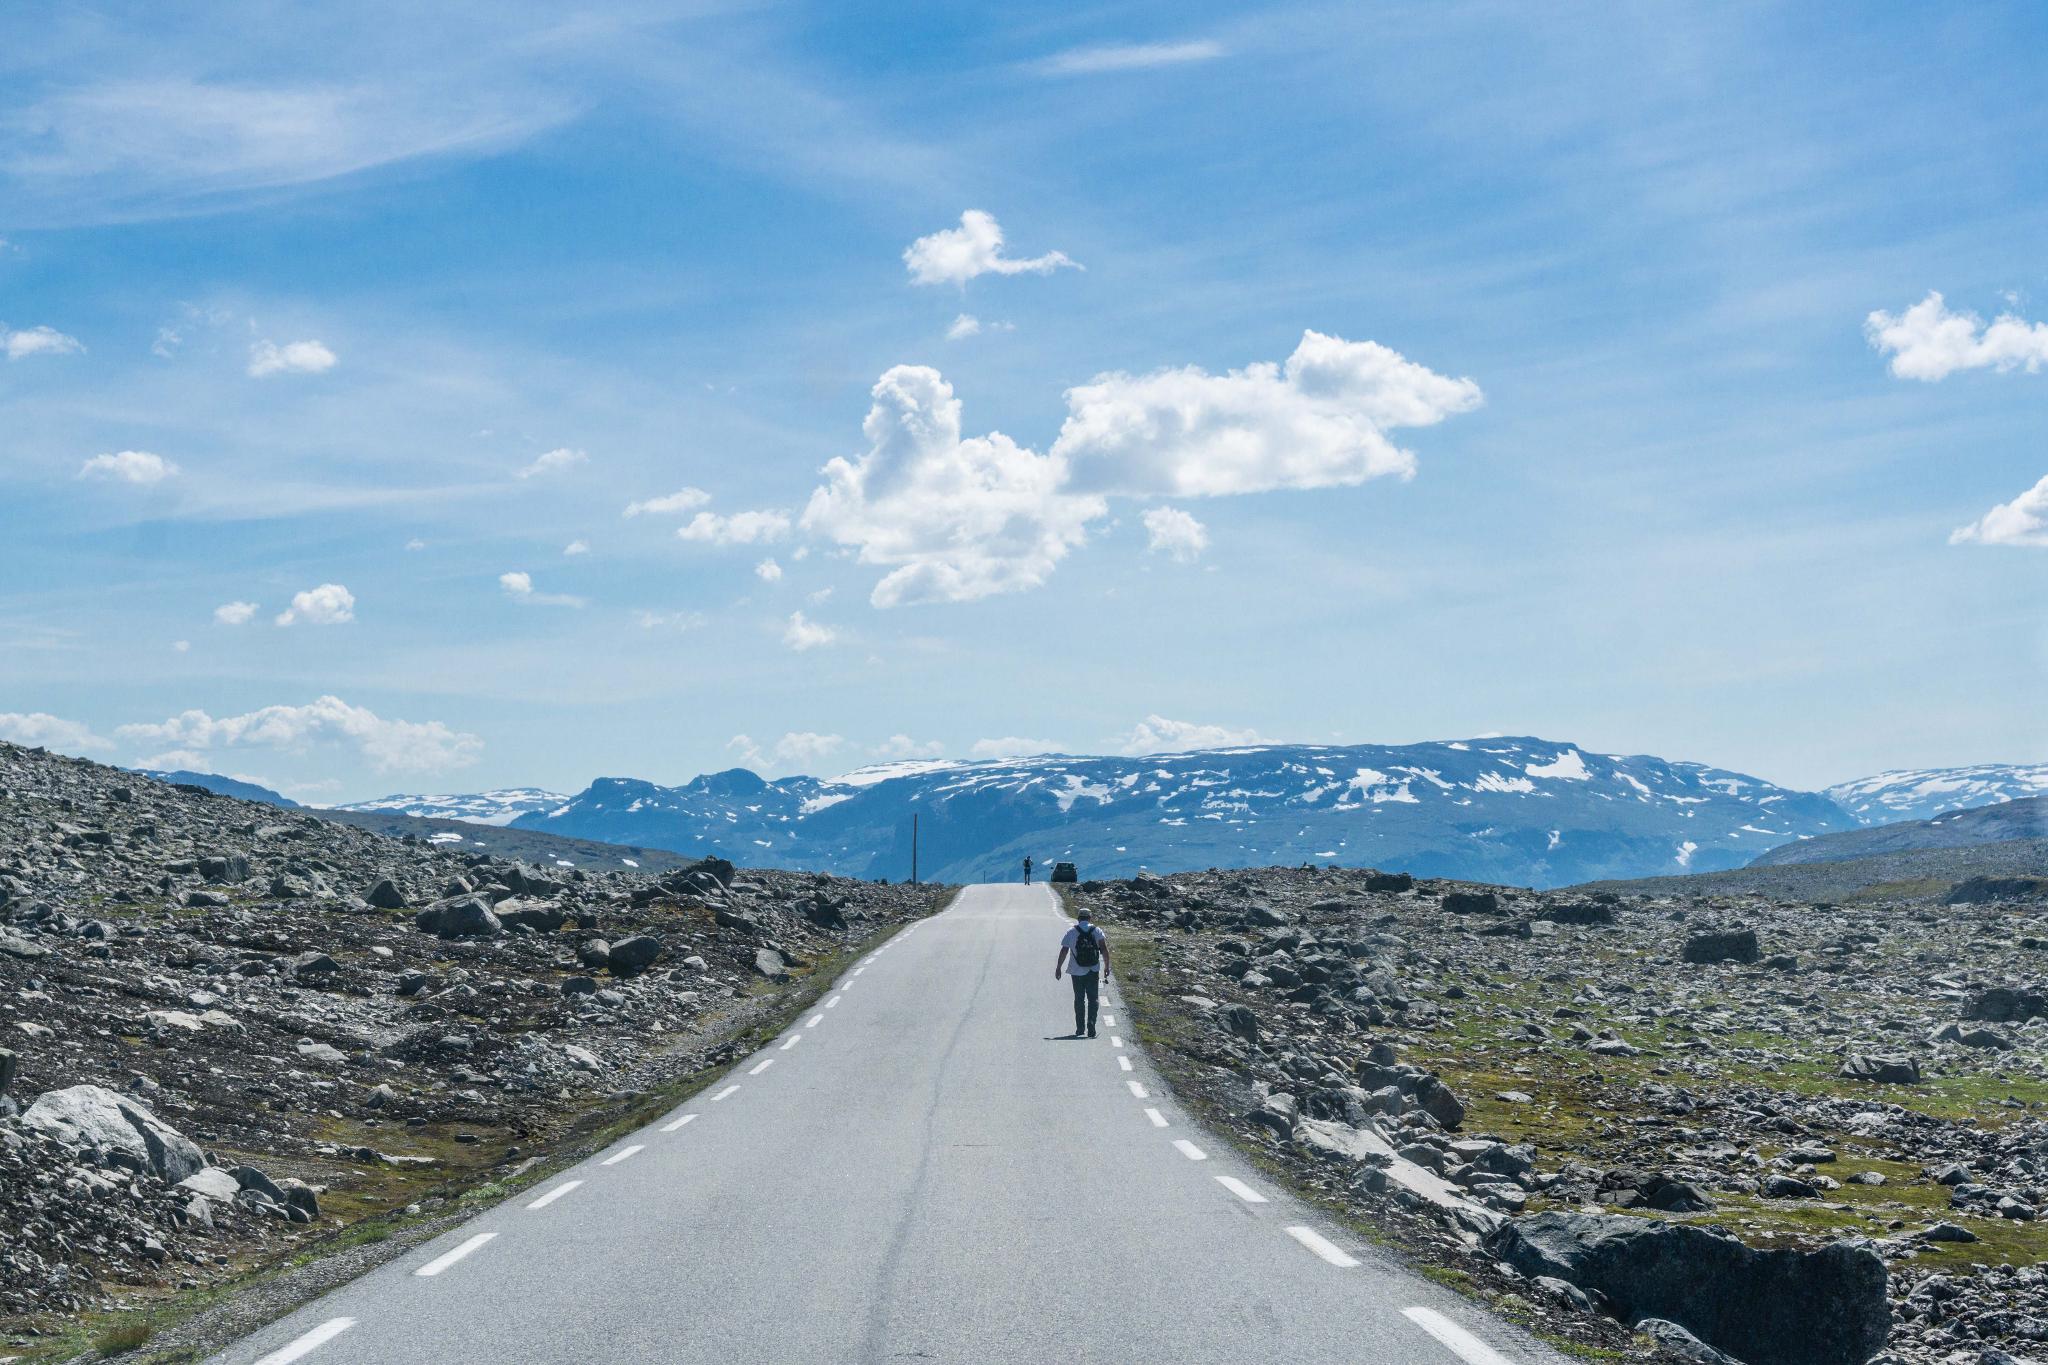 【北歐景點】世界最美景觀公路 - 俯瞰挪威松恩峽灣的 Fv243 雪之路 (Aurlandsfjellet) 26